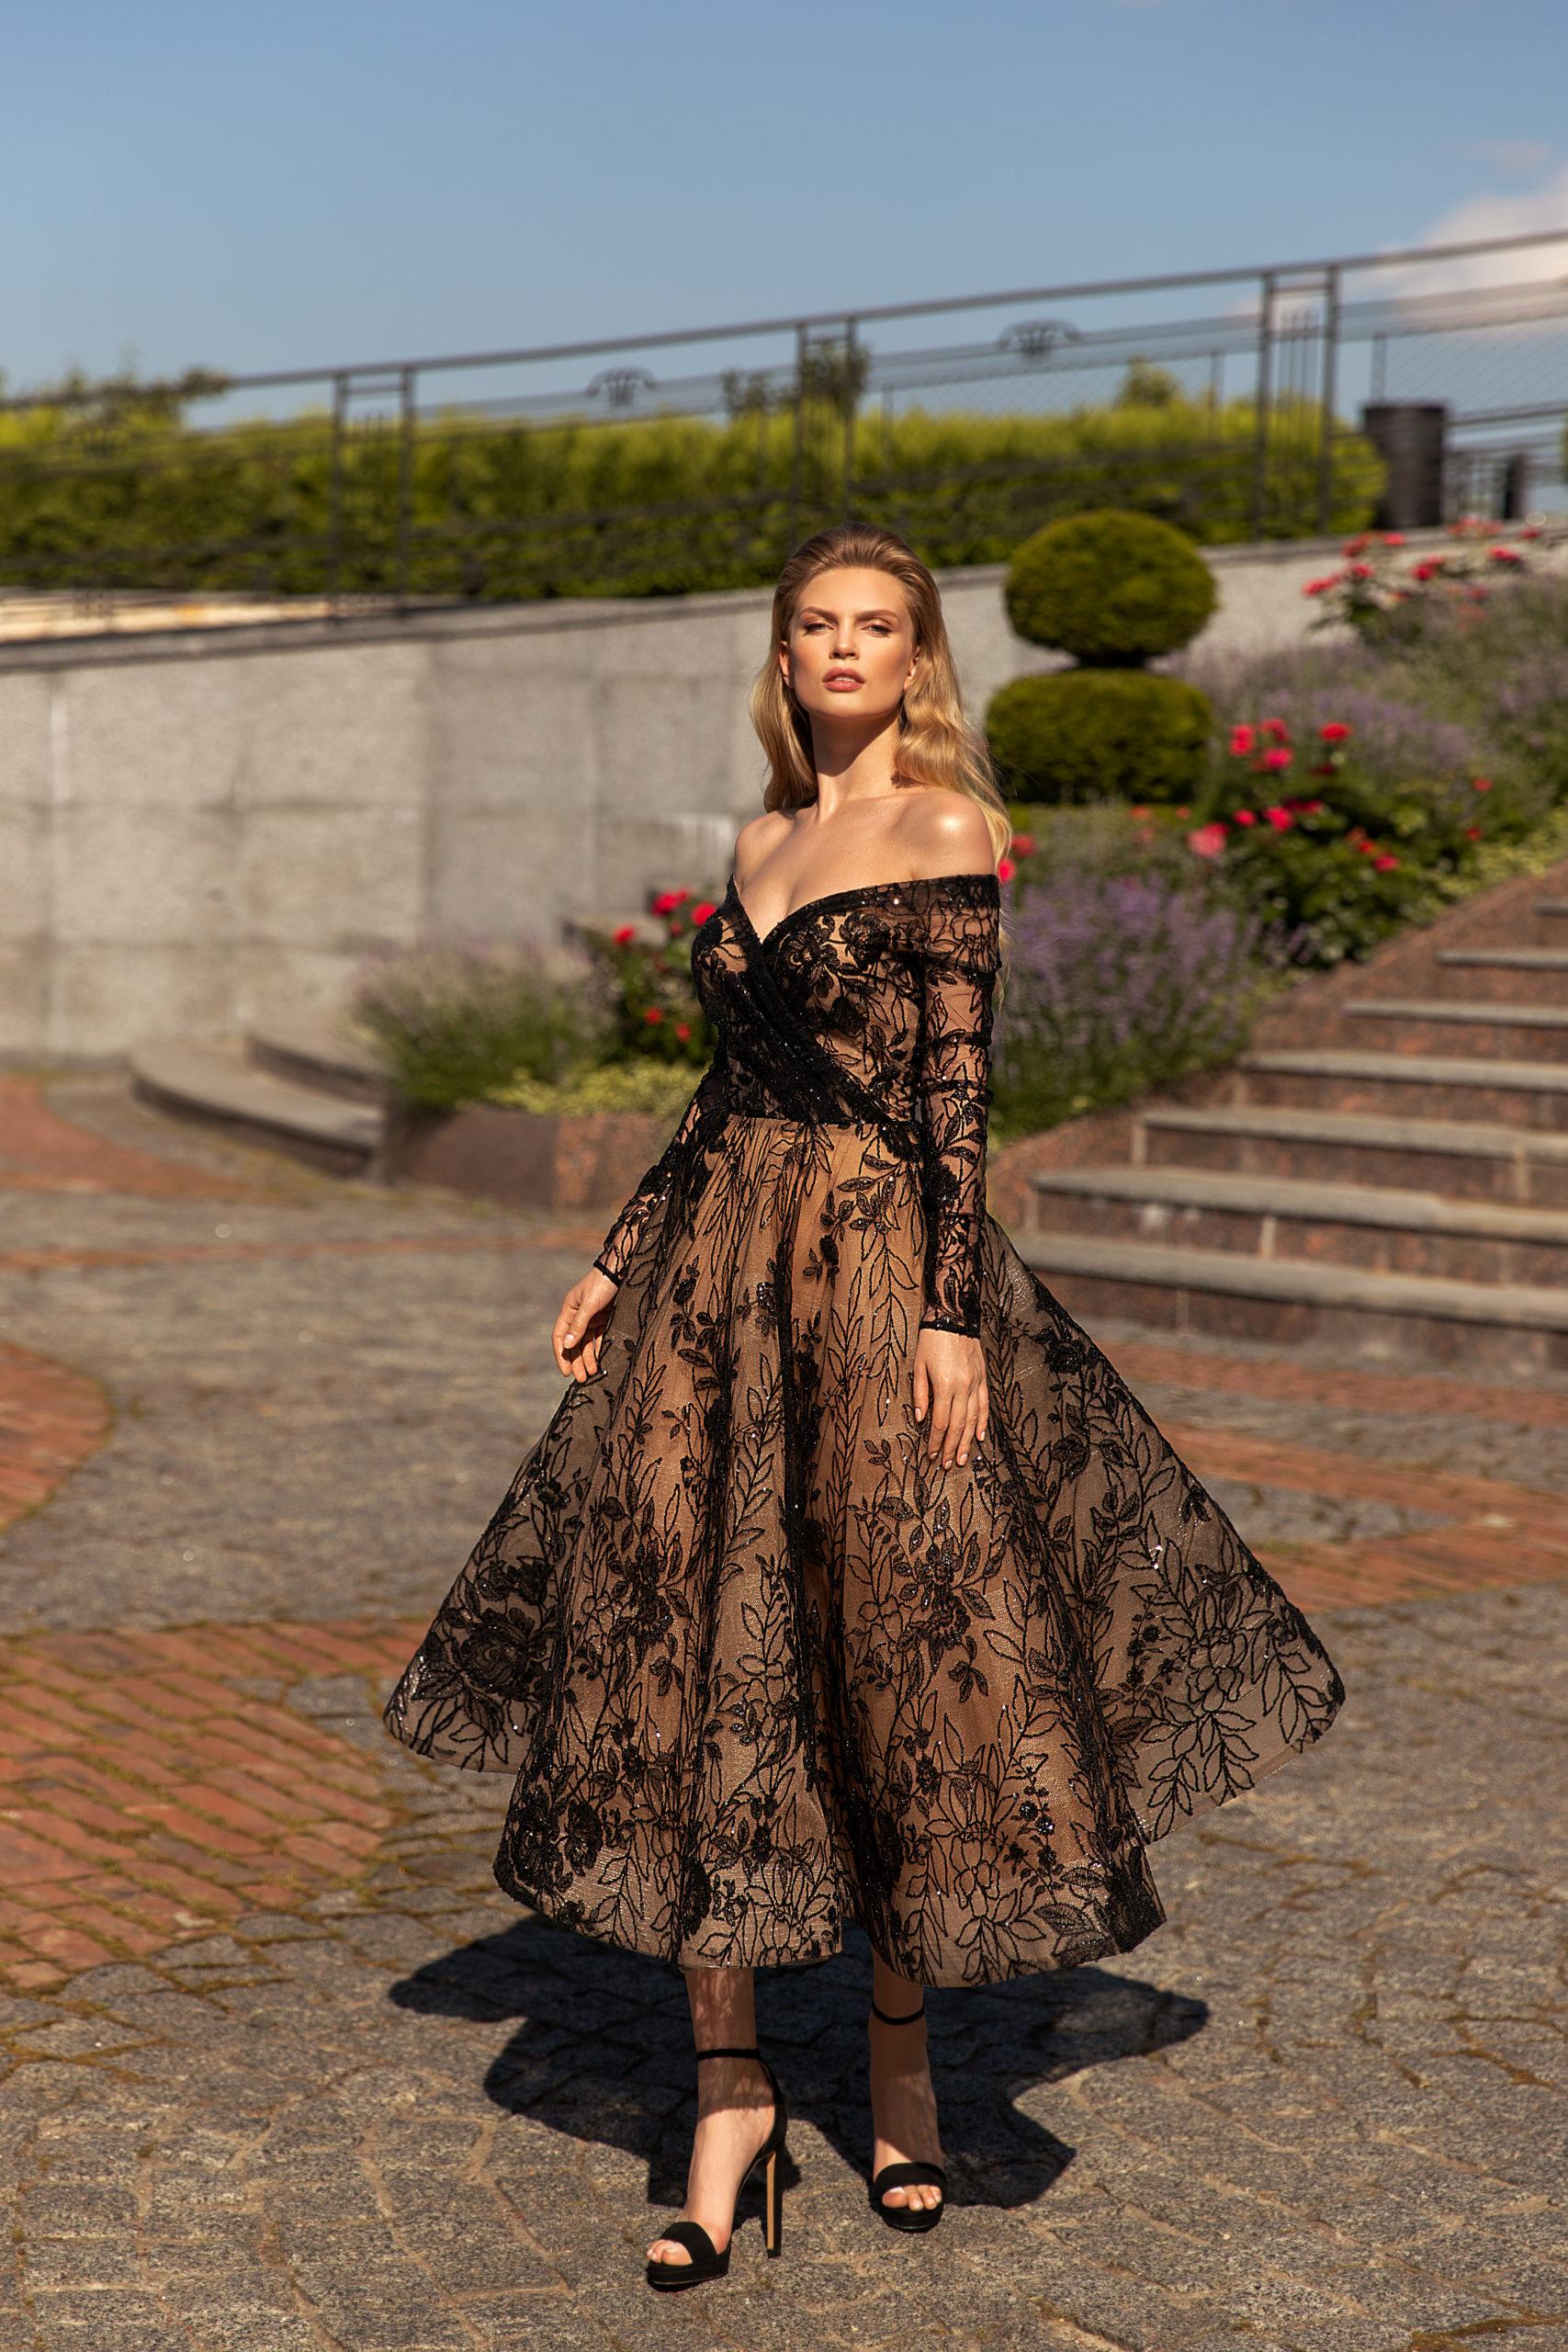 Robes haute couture invité demoiselle d'honneur Riccasposa Genève Dentelle luxe manches longues noir brodée vintage midi jupe